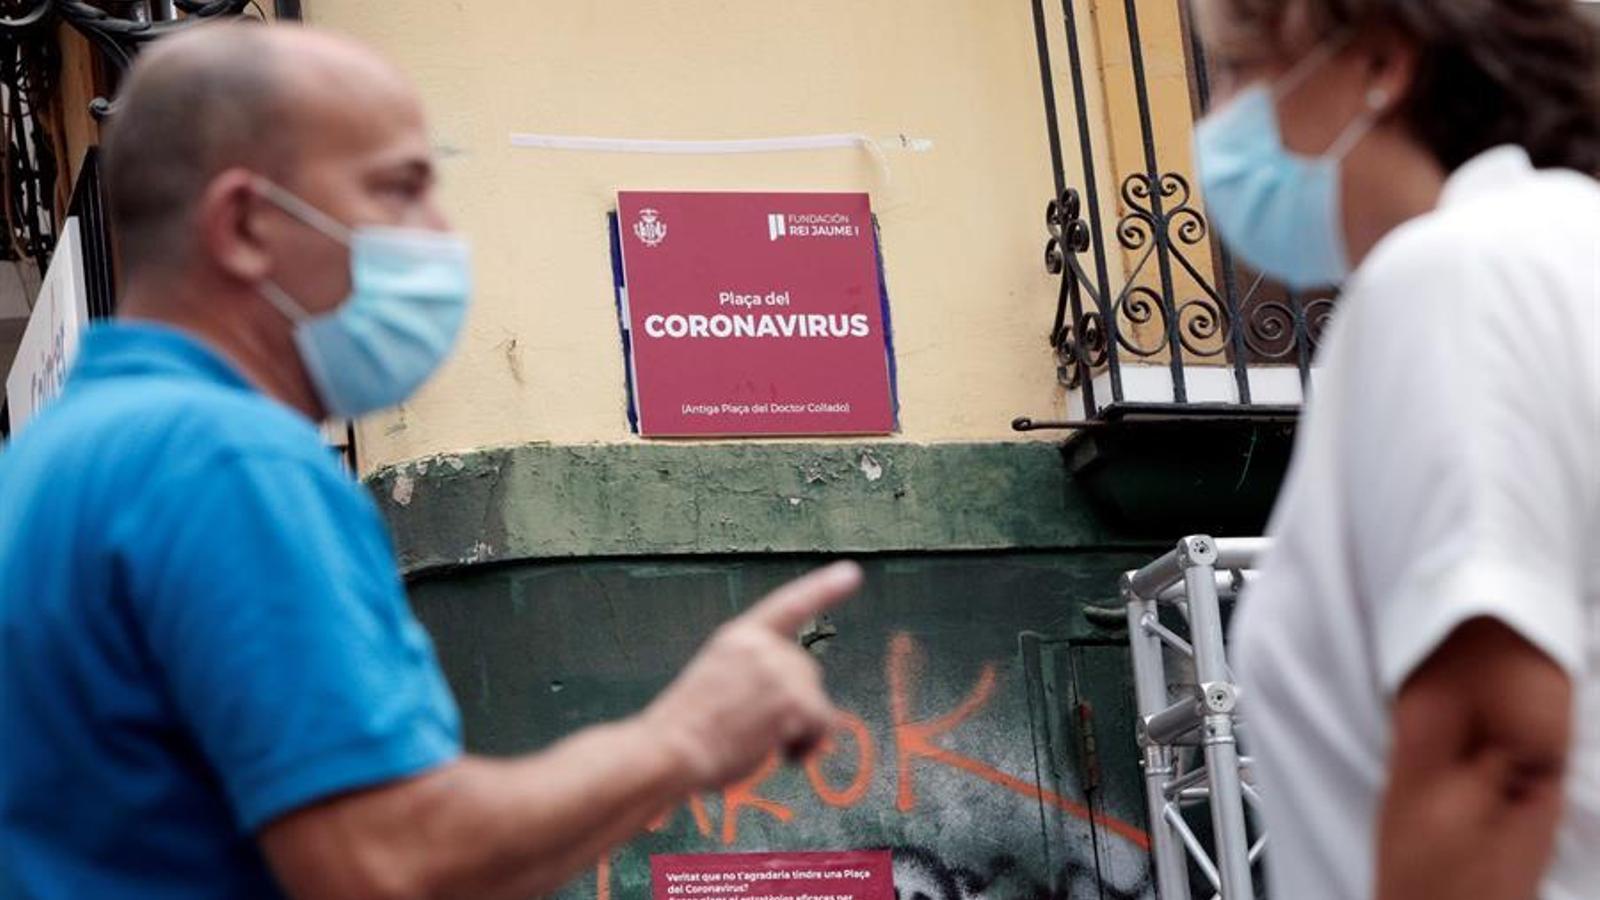 L'Ajuntament de València i la Fundació Premis Rei Jaume I inauguren la Plaça del Coronavirus en el lloc que ocupa actualment la Plaça del Dr. Collado, substituint temporalment el nom original de la plaça per a conscienciar sobre la importància dels científics i els emprenedors per a liderar la innovació en la societat. EFE/Biel Aliño